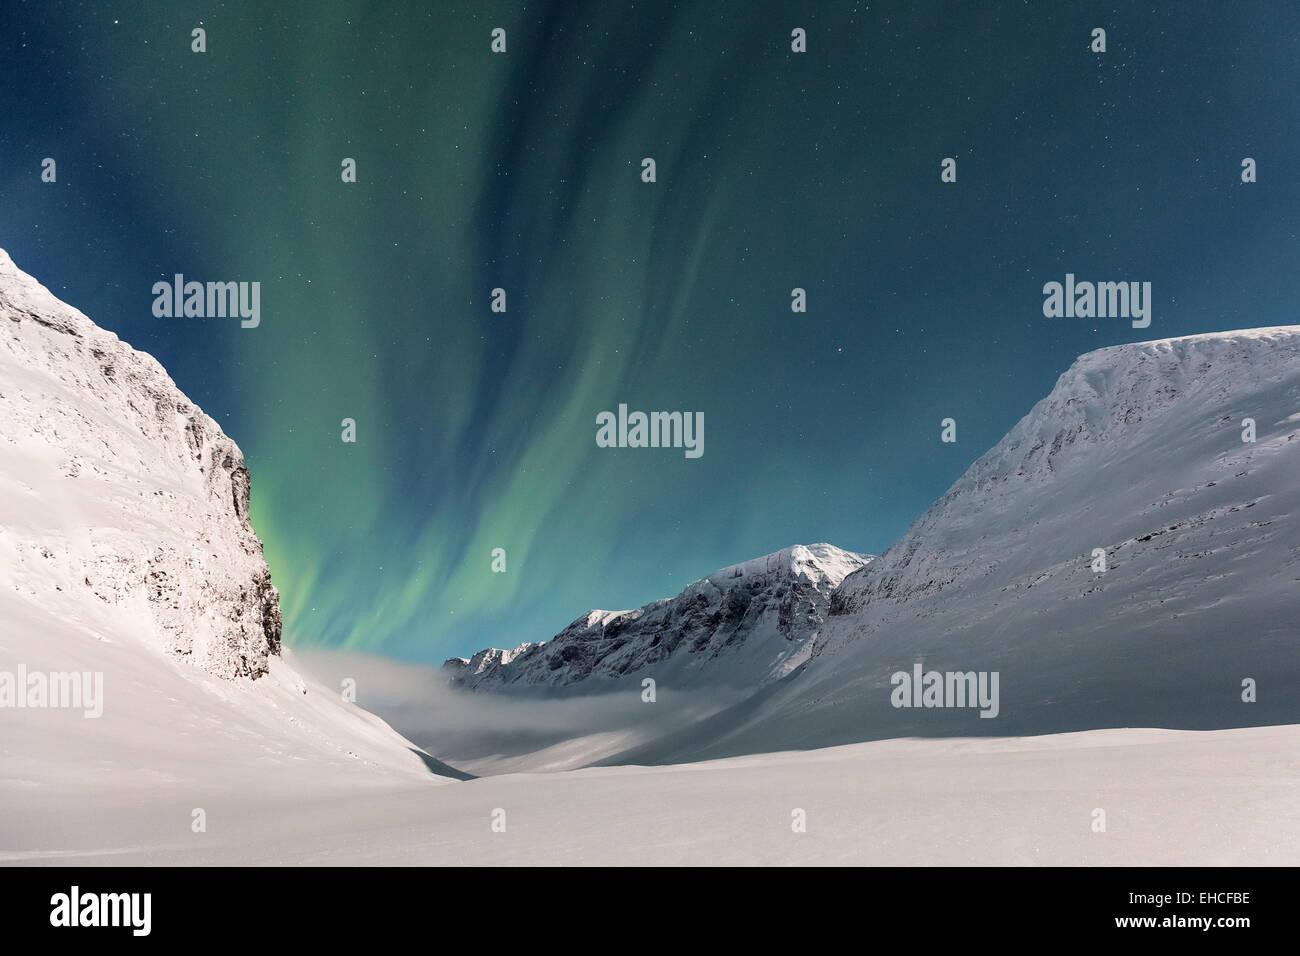 Northern lights seen at Nallostugan wilderness hut, Kebnekaise mountain area, Kiruna, Sweden, Europe, EU - Stock Image